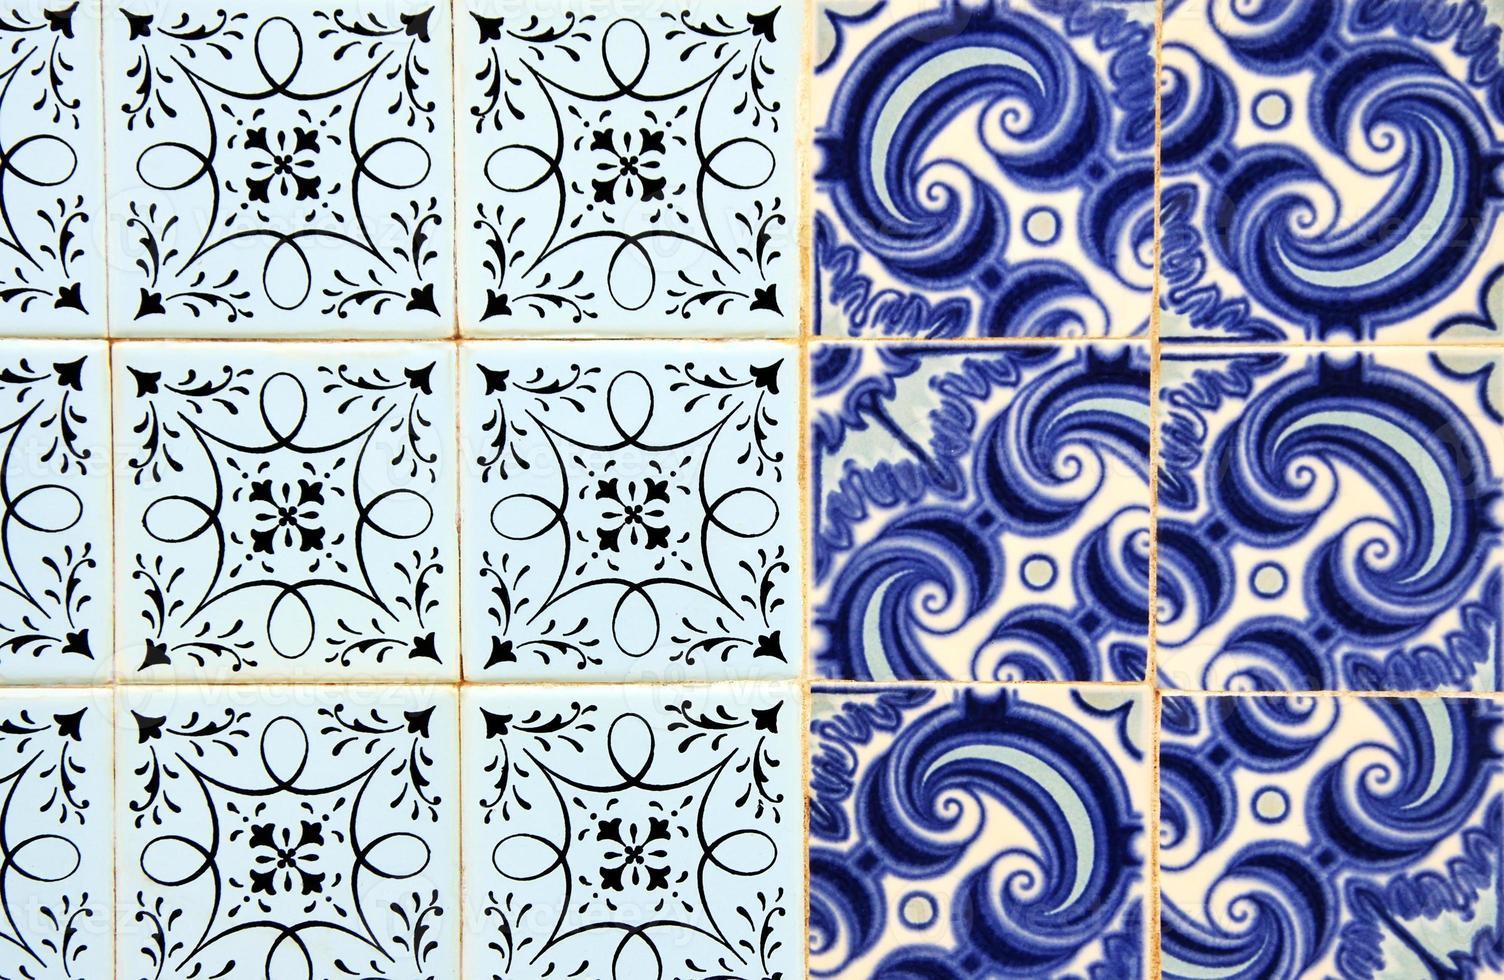 Carreaux portugais (azulejos) sur une façade à Olhao, Algarve photo